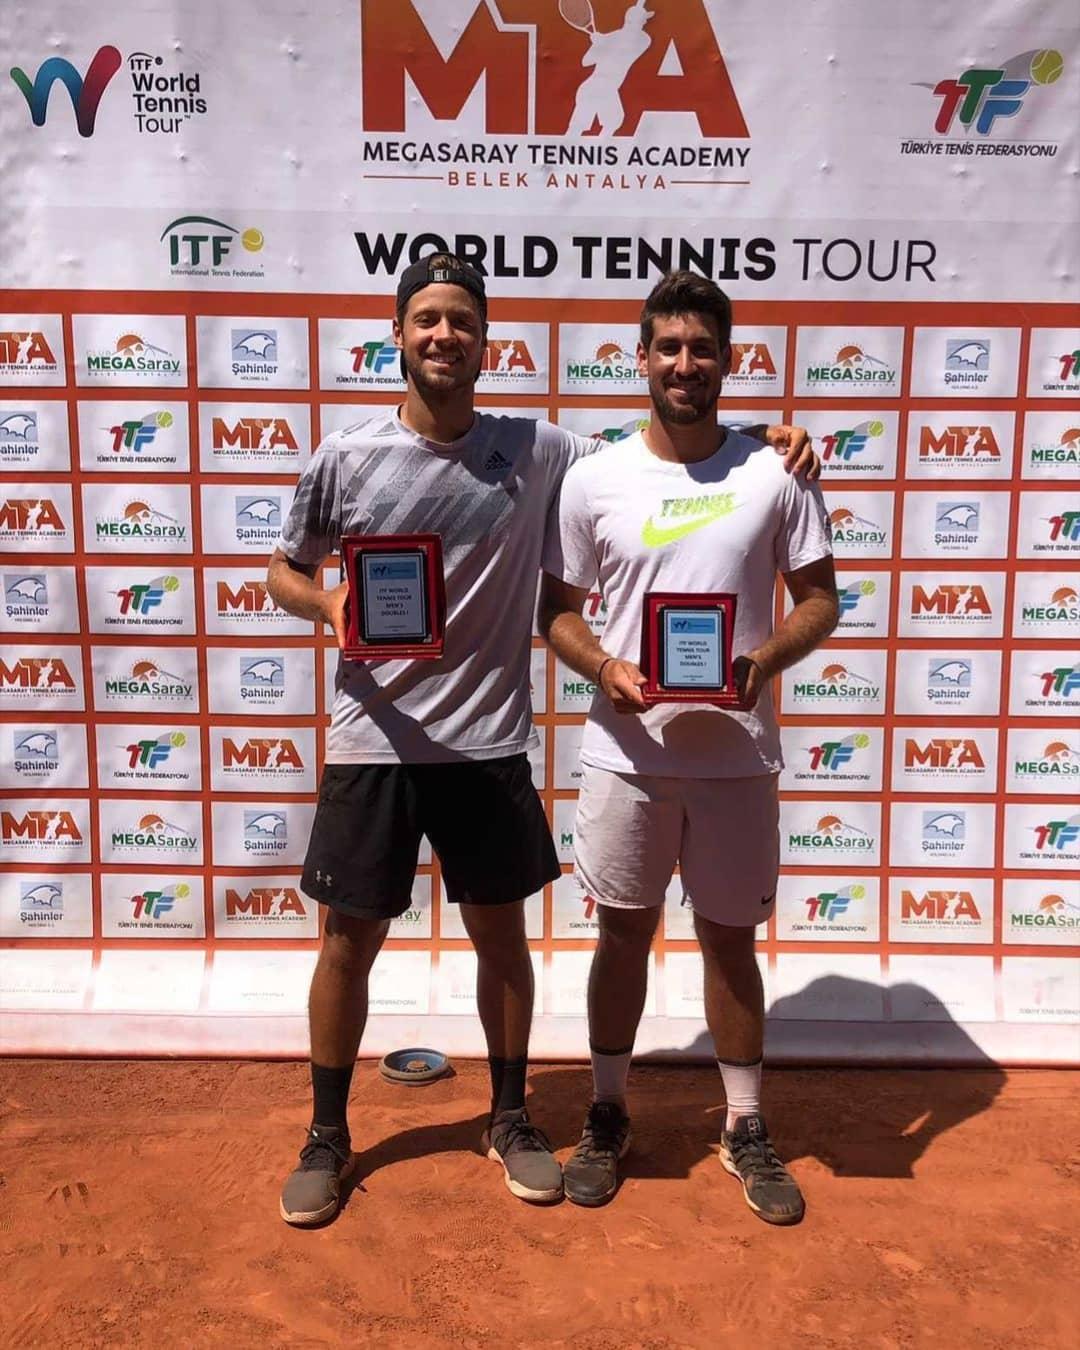 Pela final do ITF de Antalya, na Turquia, Orlando Luz e Gabriel Sidney venceram os italianos Daniele Capecchi e Davide Galoppini por 2 a 1 e foram campeões